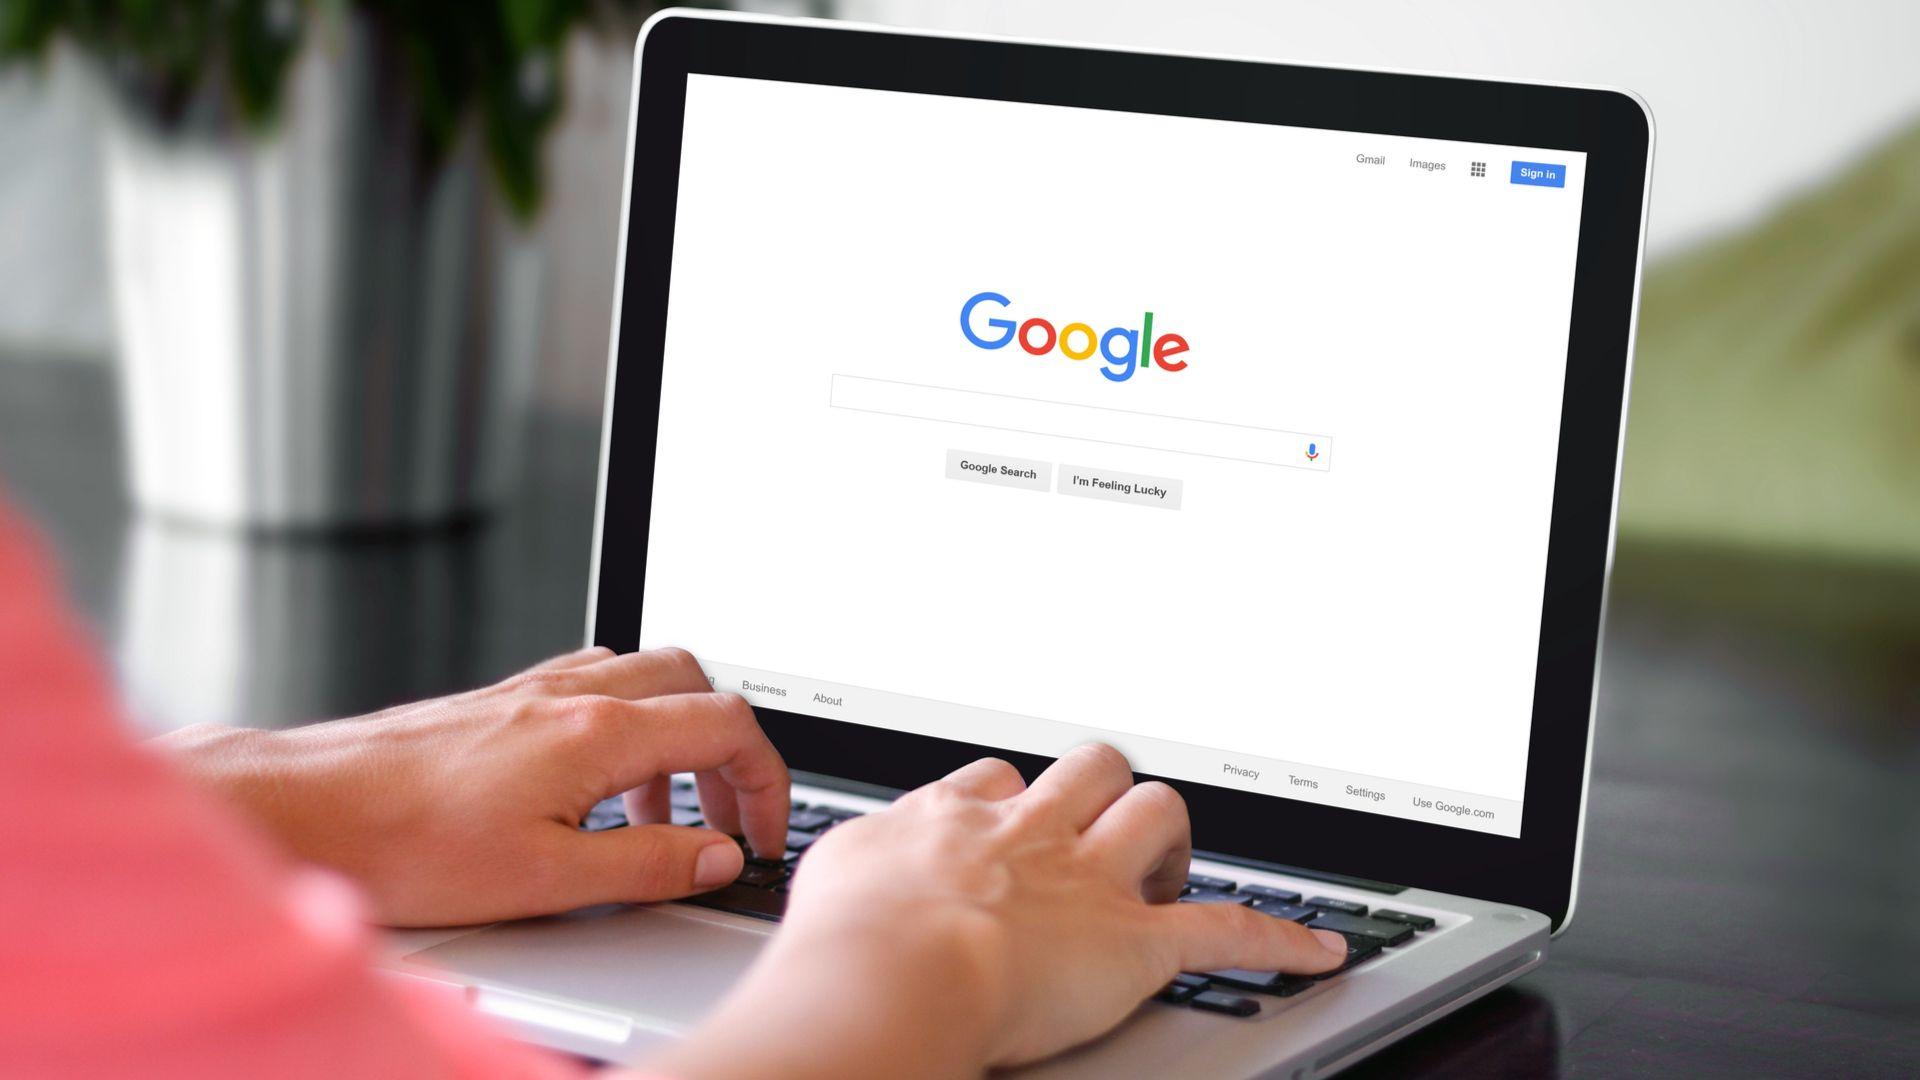 Atualmente, o Google é o principal site de busca em todo o mundo (Foto: Shutterstock)